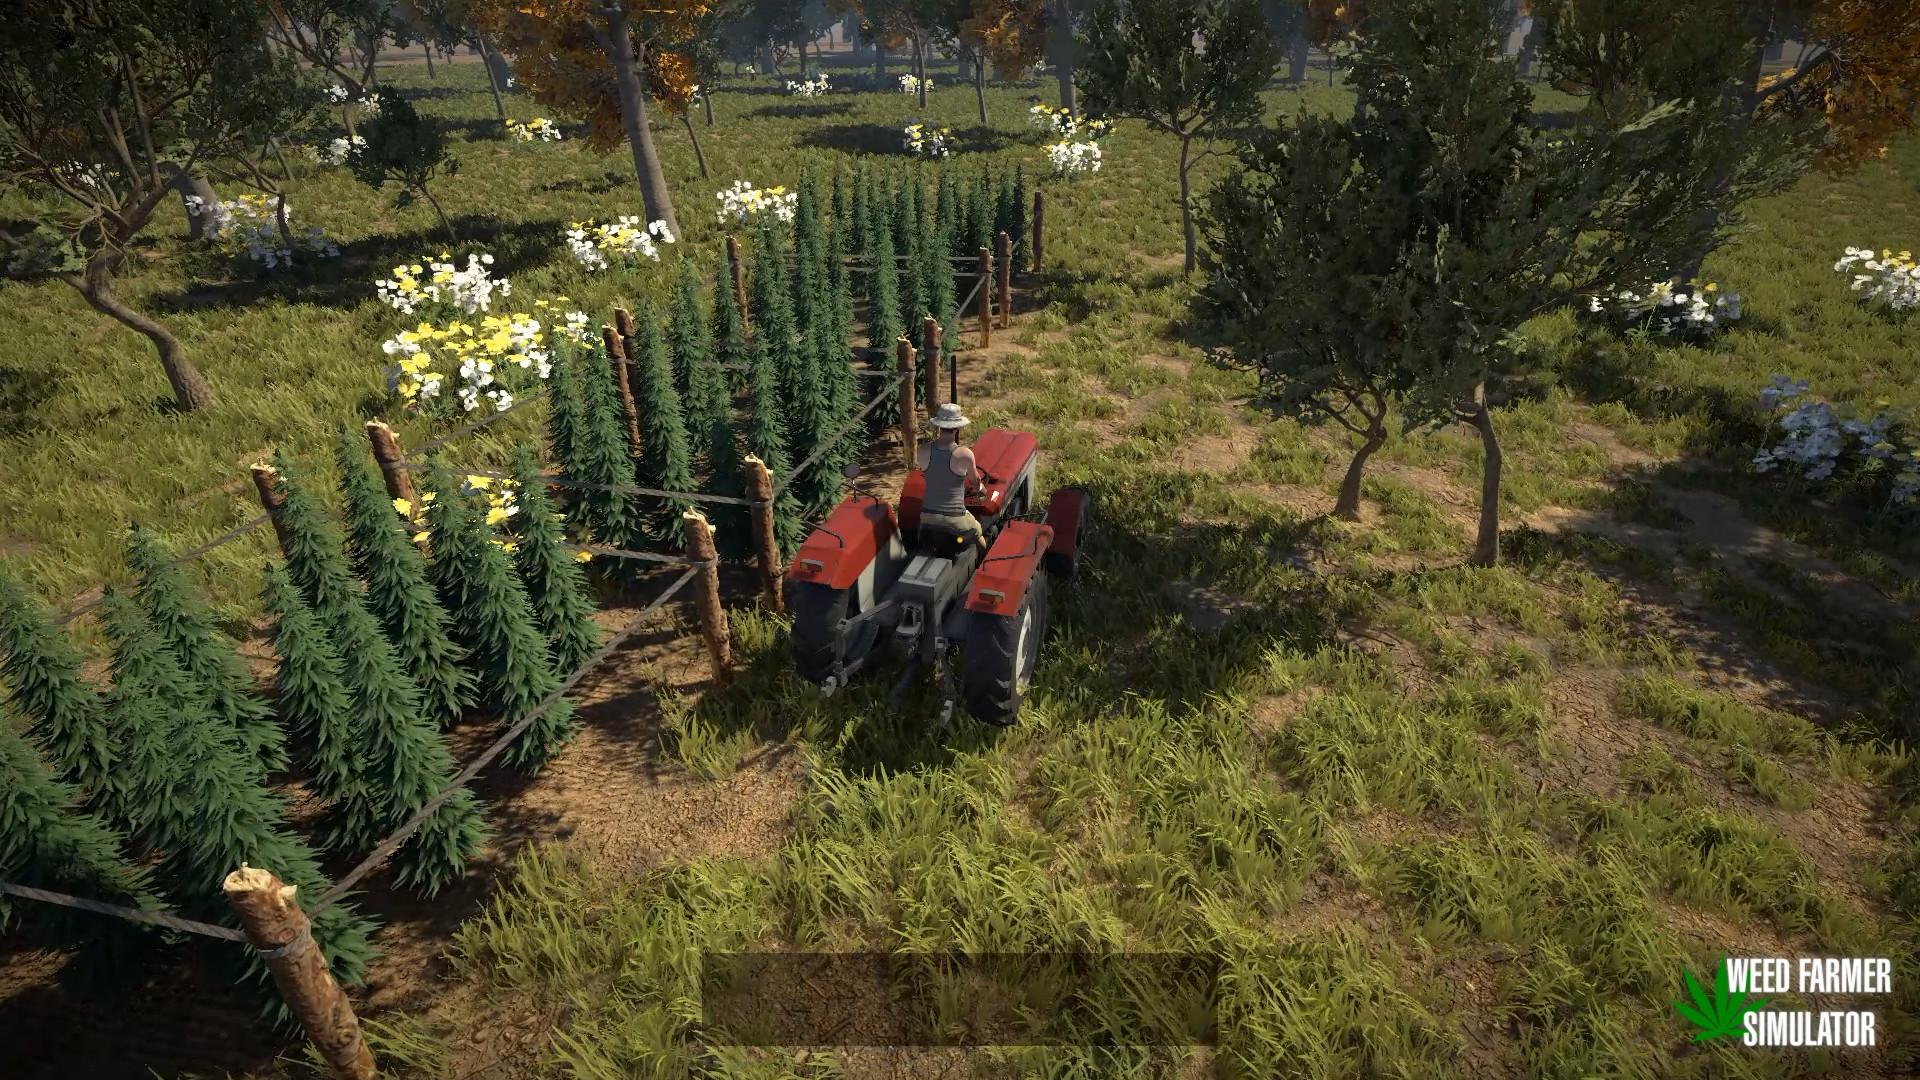 2 6 - ○○農家シミュレーター『Weed Farmer Simulator』が爆誕! おまえらのノウハウを発揮しろー